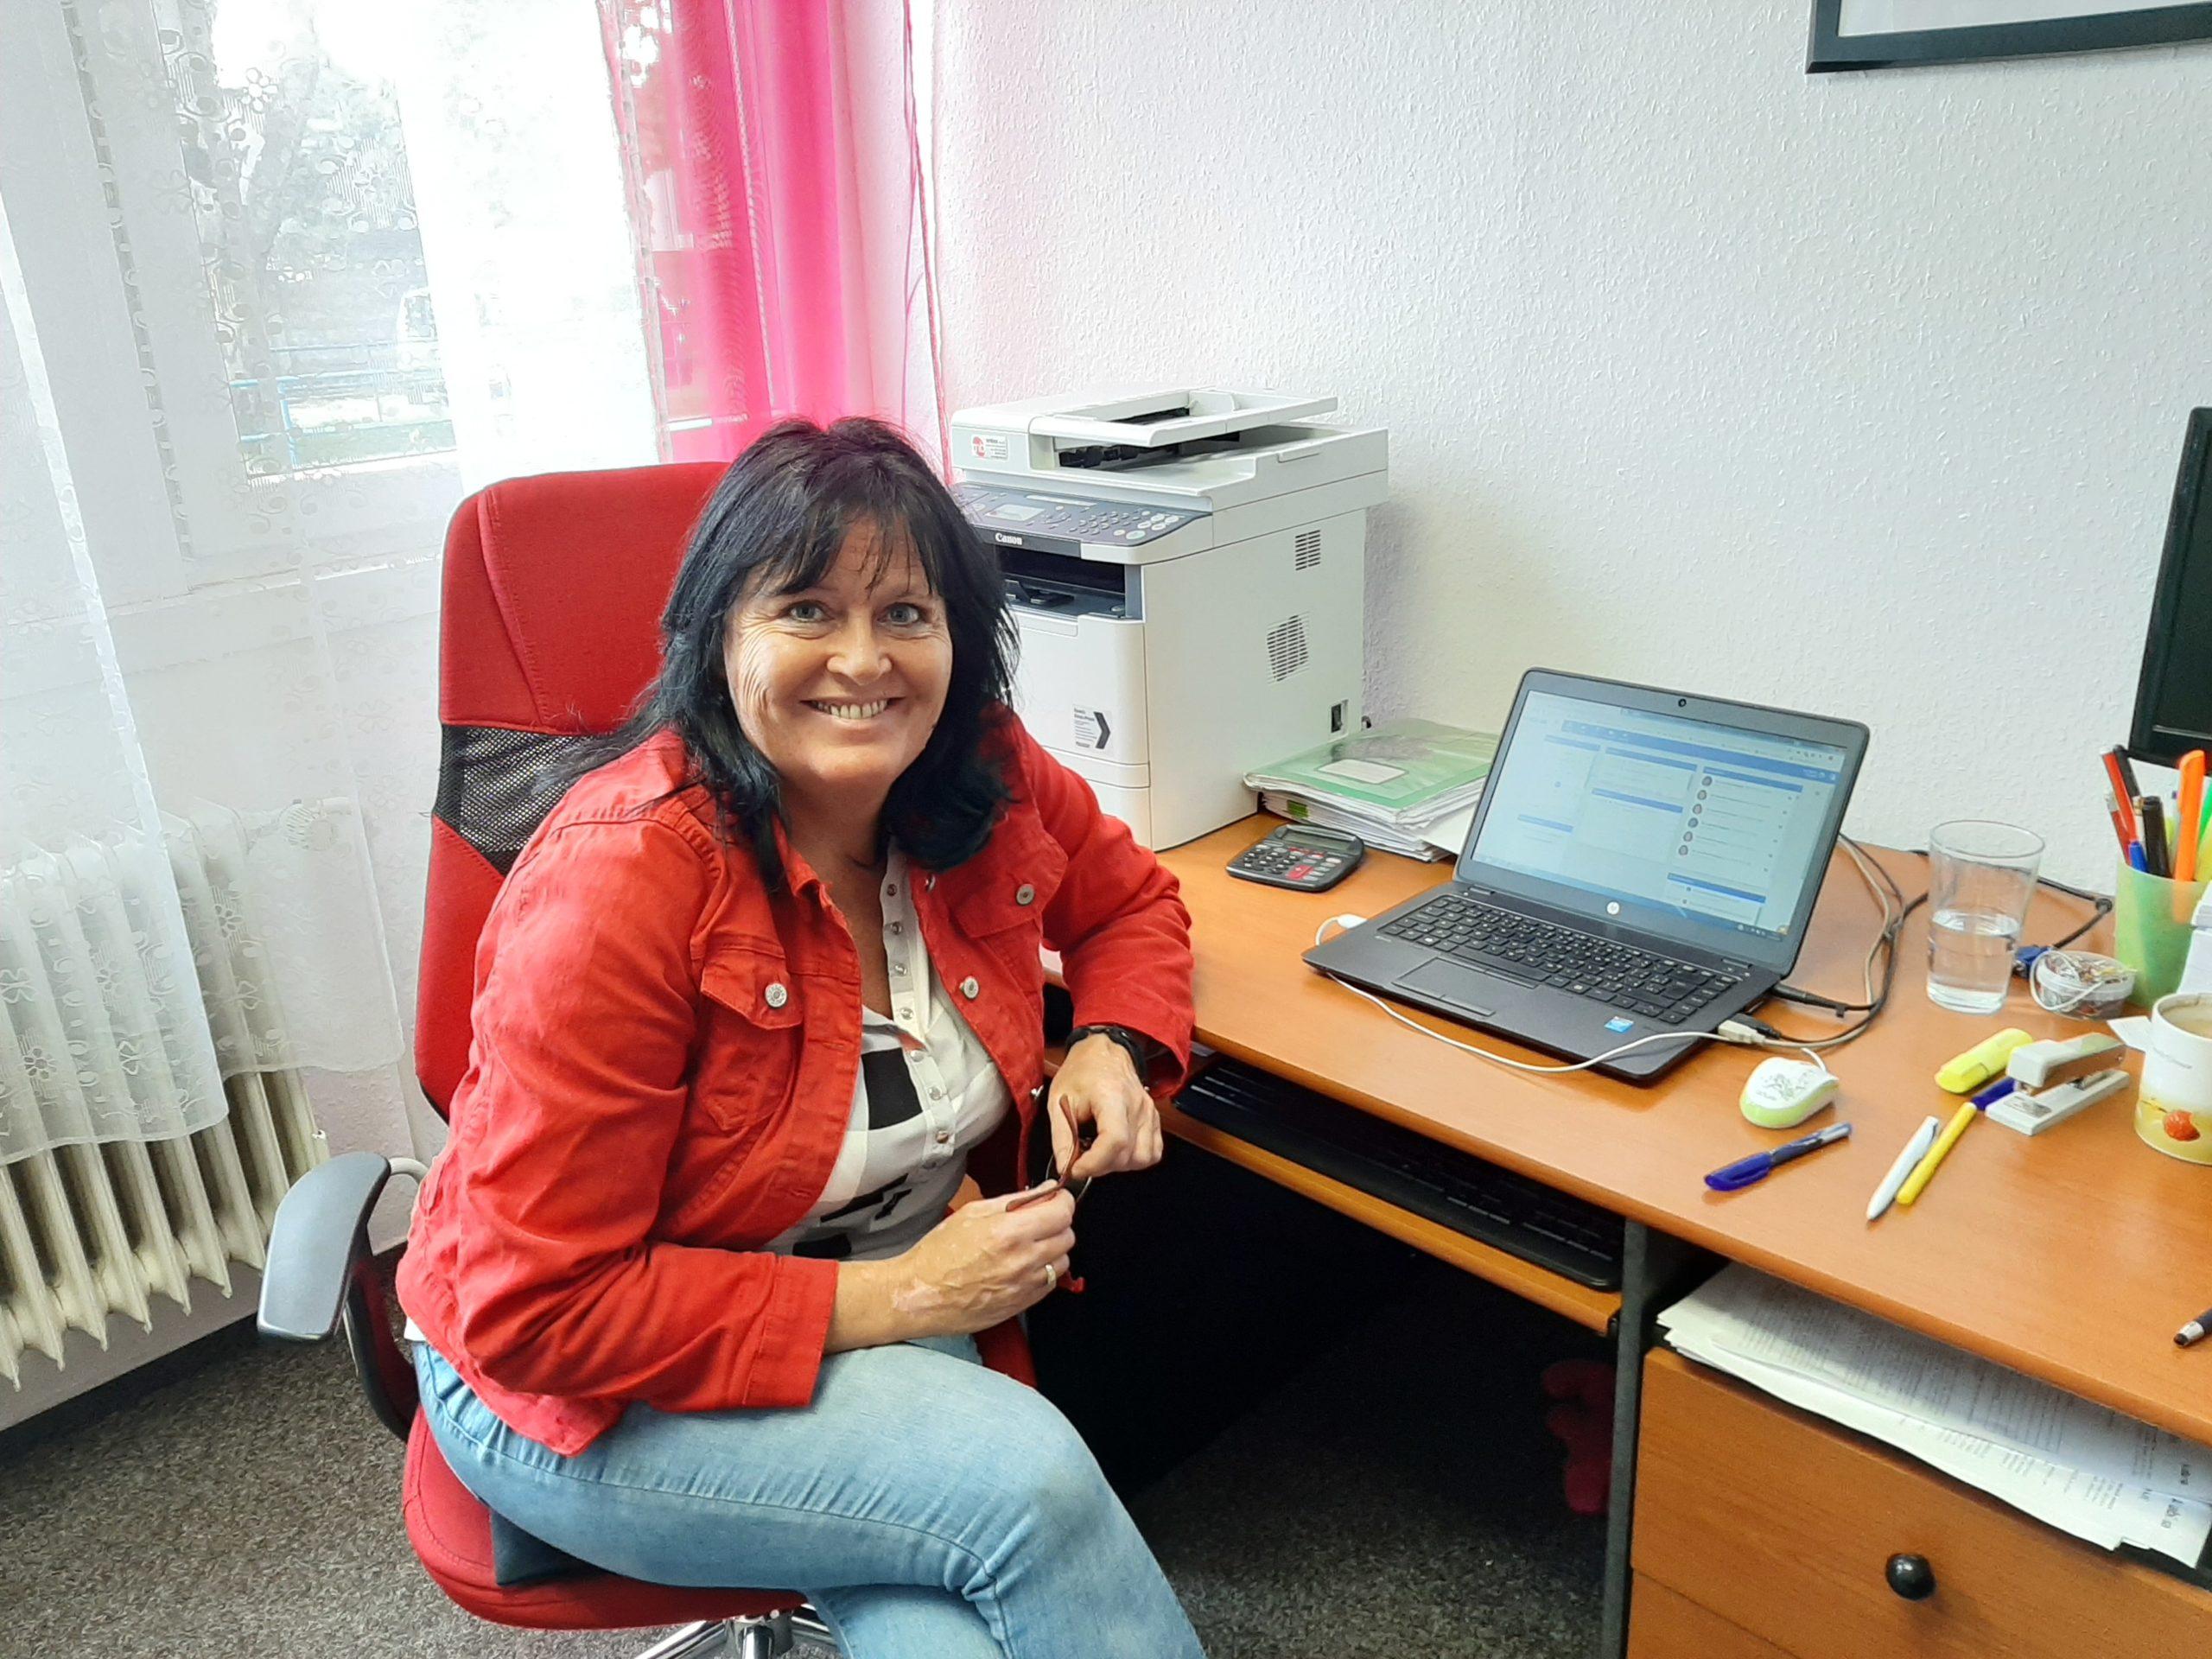 Magda Kapičáková insolvenční poradce Brno